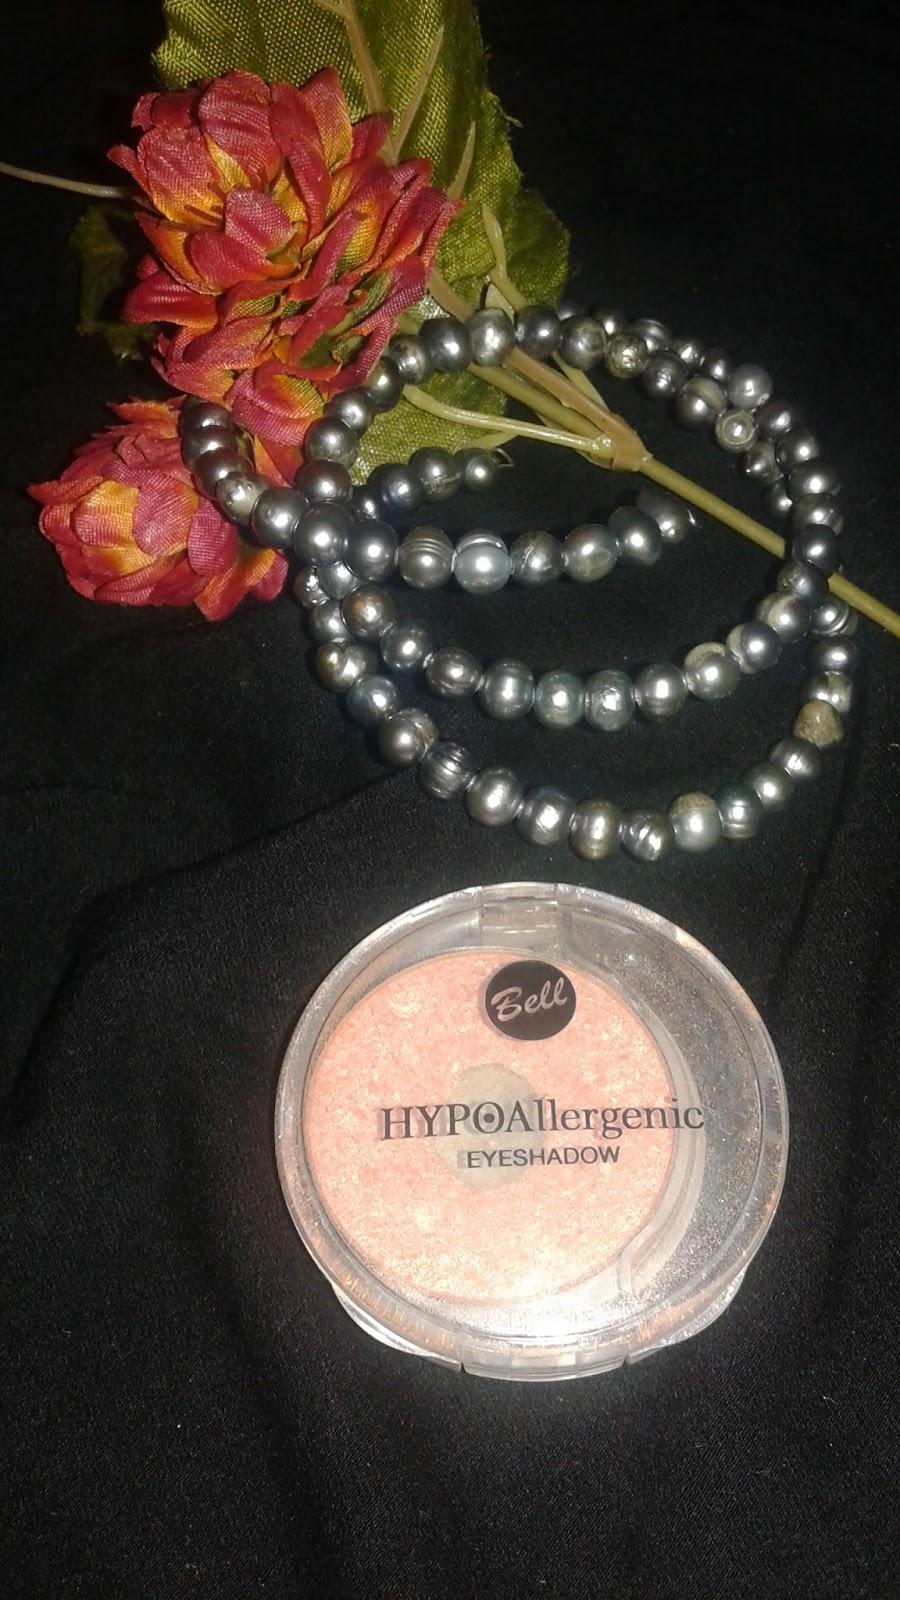 Top 10 kosmetyków... - #6 Bell HypoAllergenic No: 70 - Cień 2 w 1. Idealny jako cień, ale nie tylko... :)